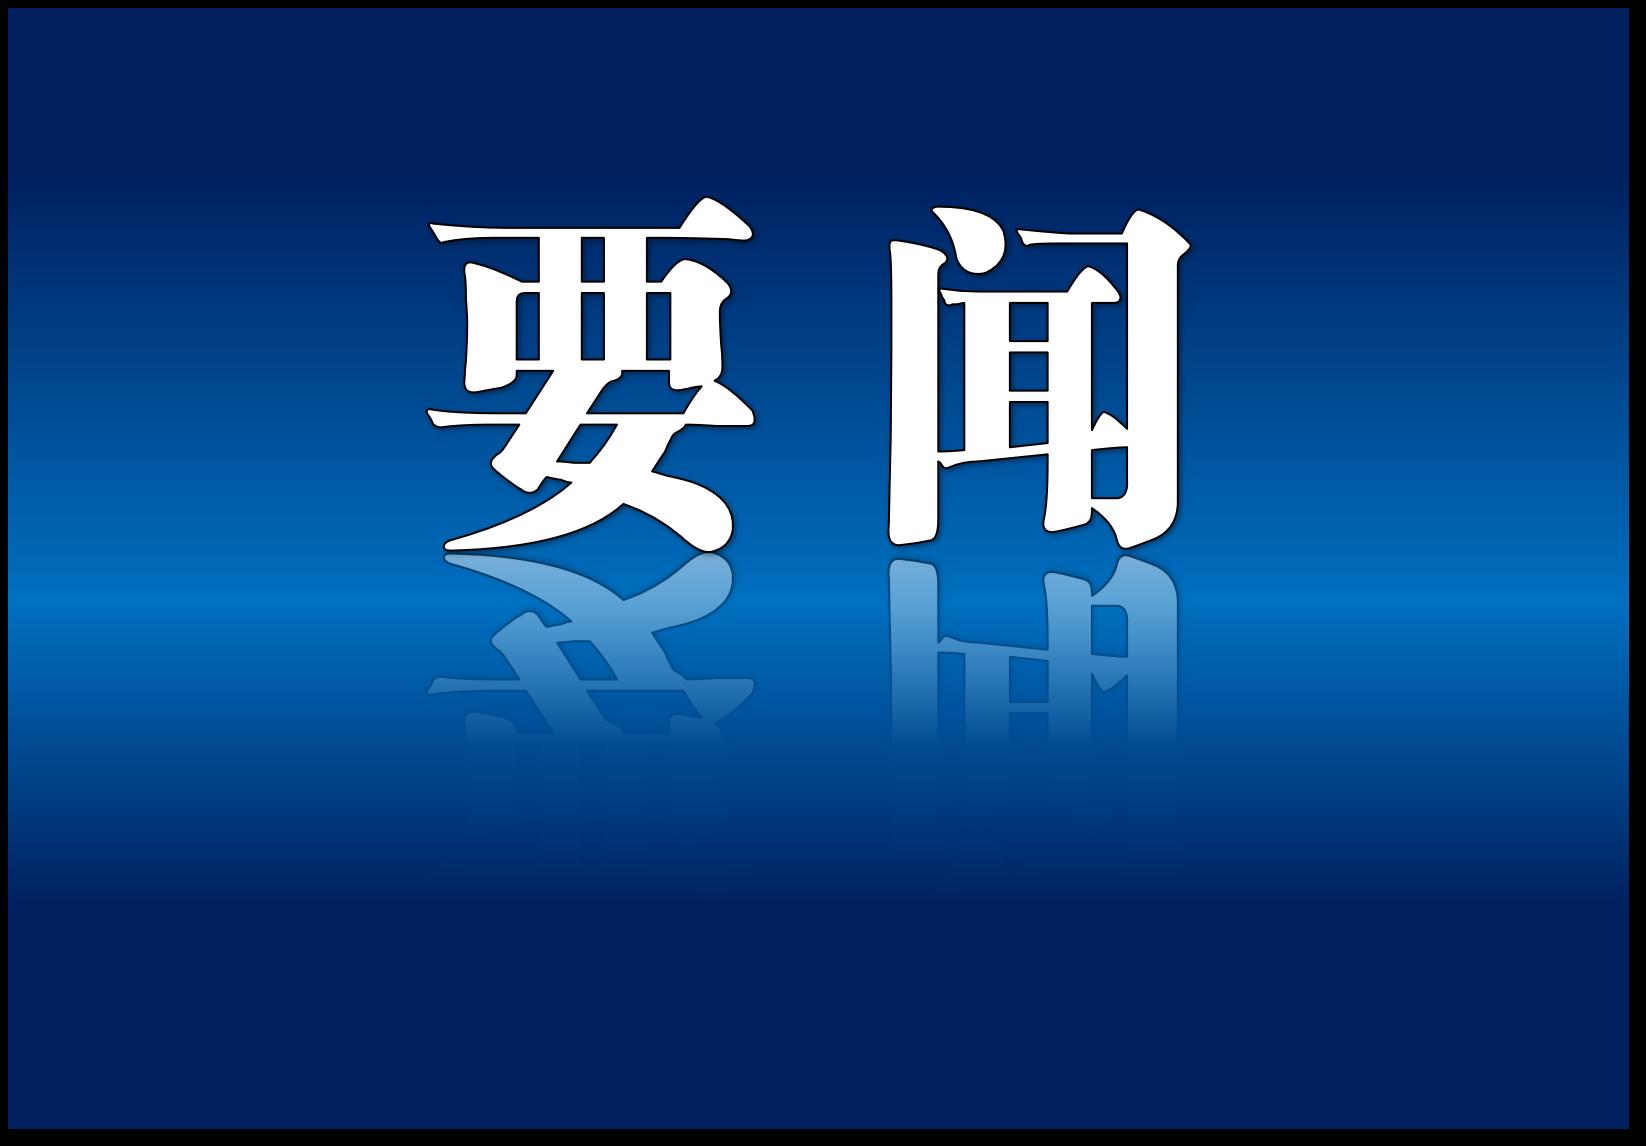 杨晓超:准确理解把握政治巡视内涵要求 加强对中央和国家机关的政治监督